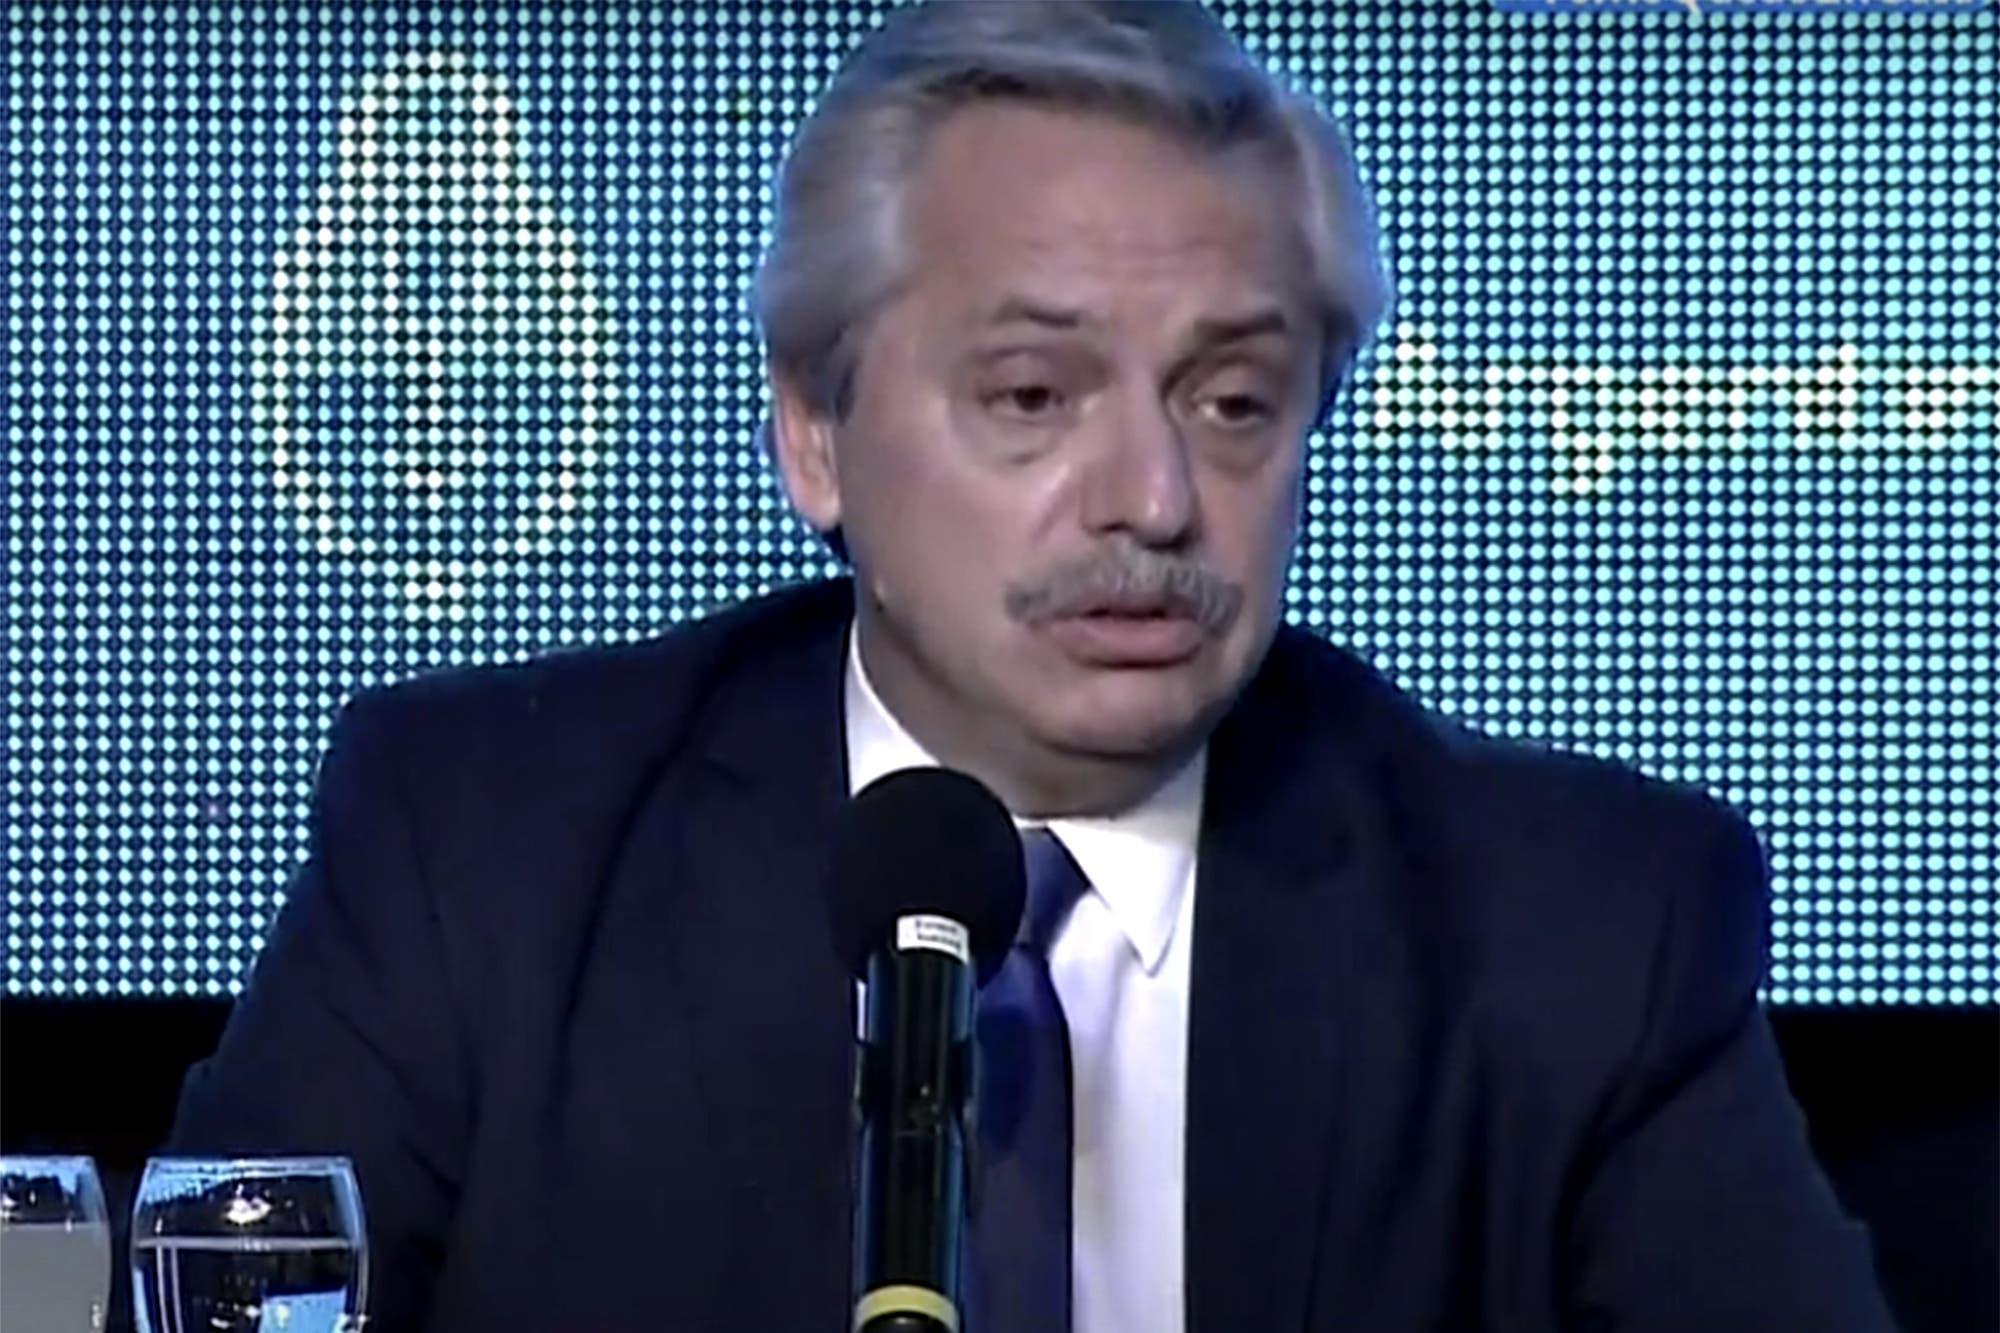 Cierre de Latam Argentina: sorpresa y resignación en el Gobierno, que atribuye el cese a factores internacionales